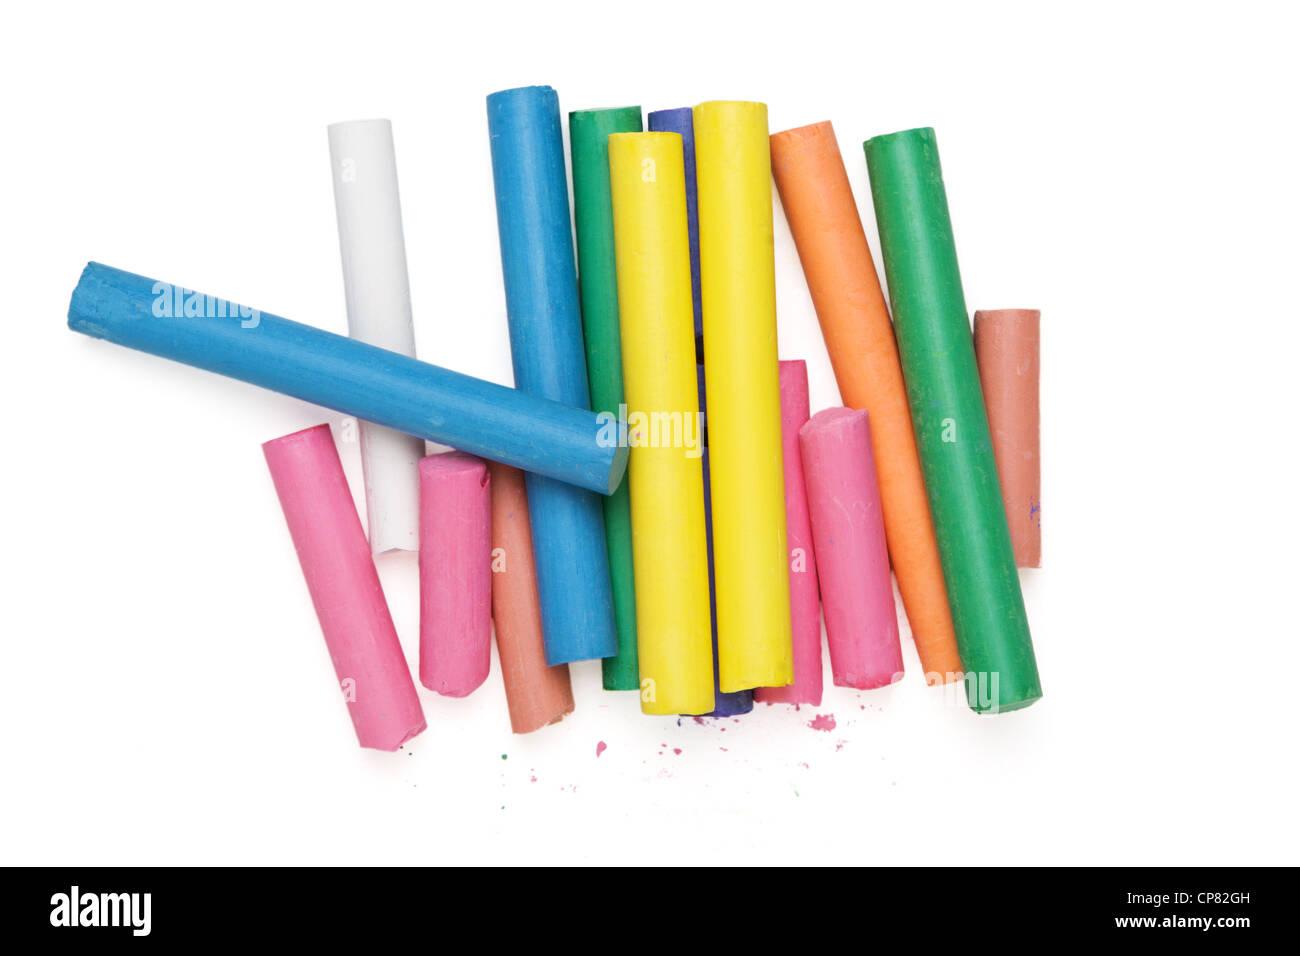 Vue du haut vers le bas du groupe des craies de couleur pastel de l'artiste isolé sur blanc. Quelques flocons Photo Stock